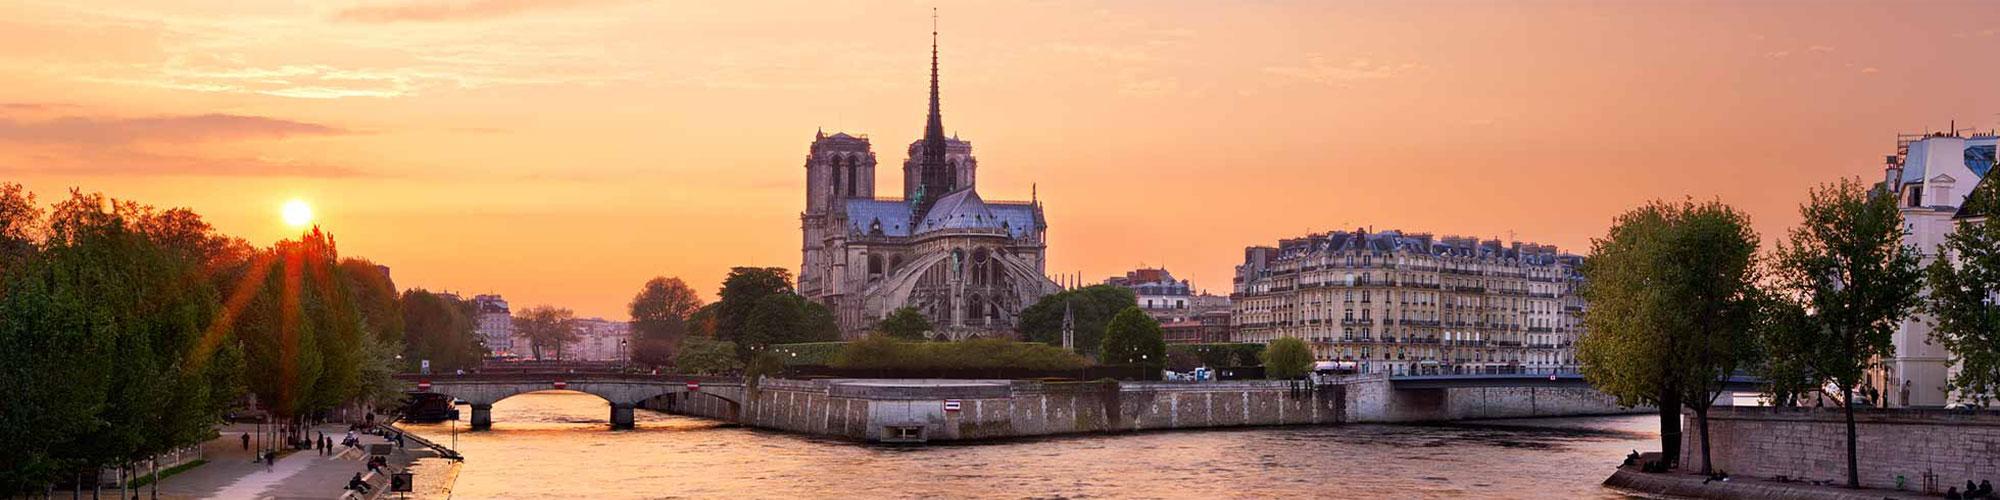 Croisire Sur La Seine Djeuner Amp Dner Bateaux Mouches